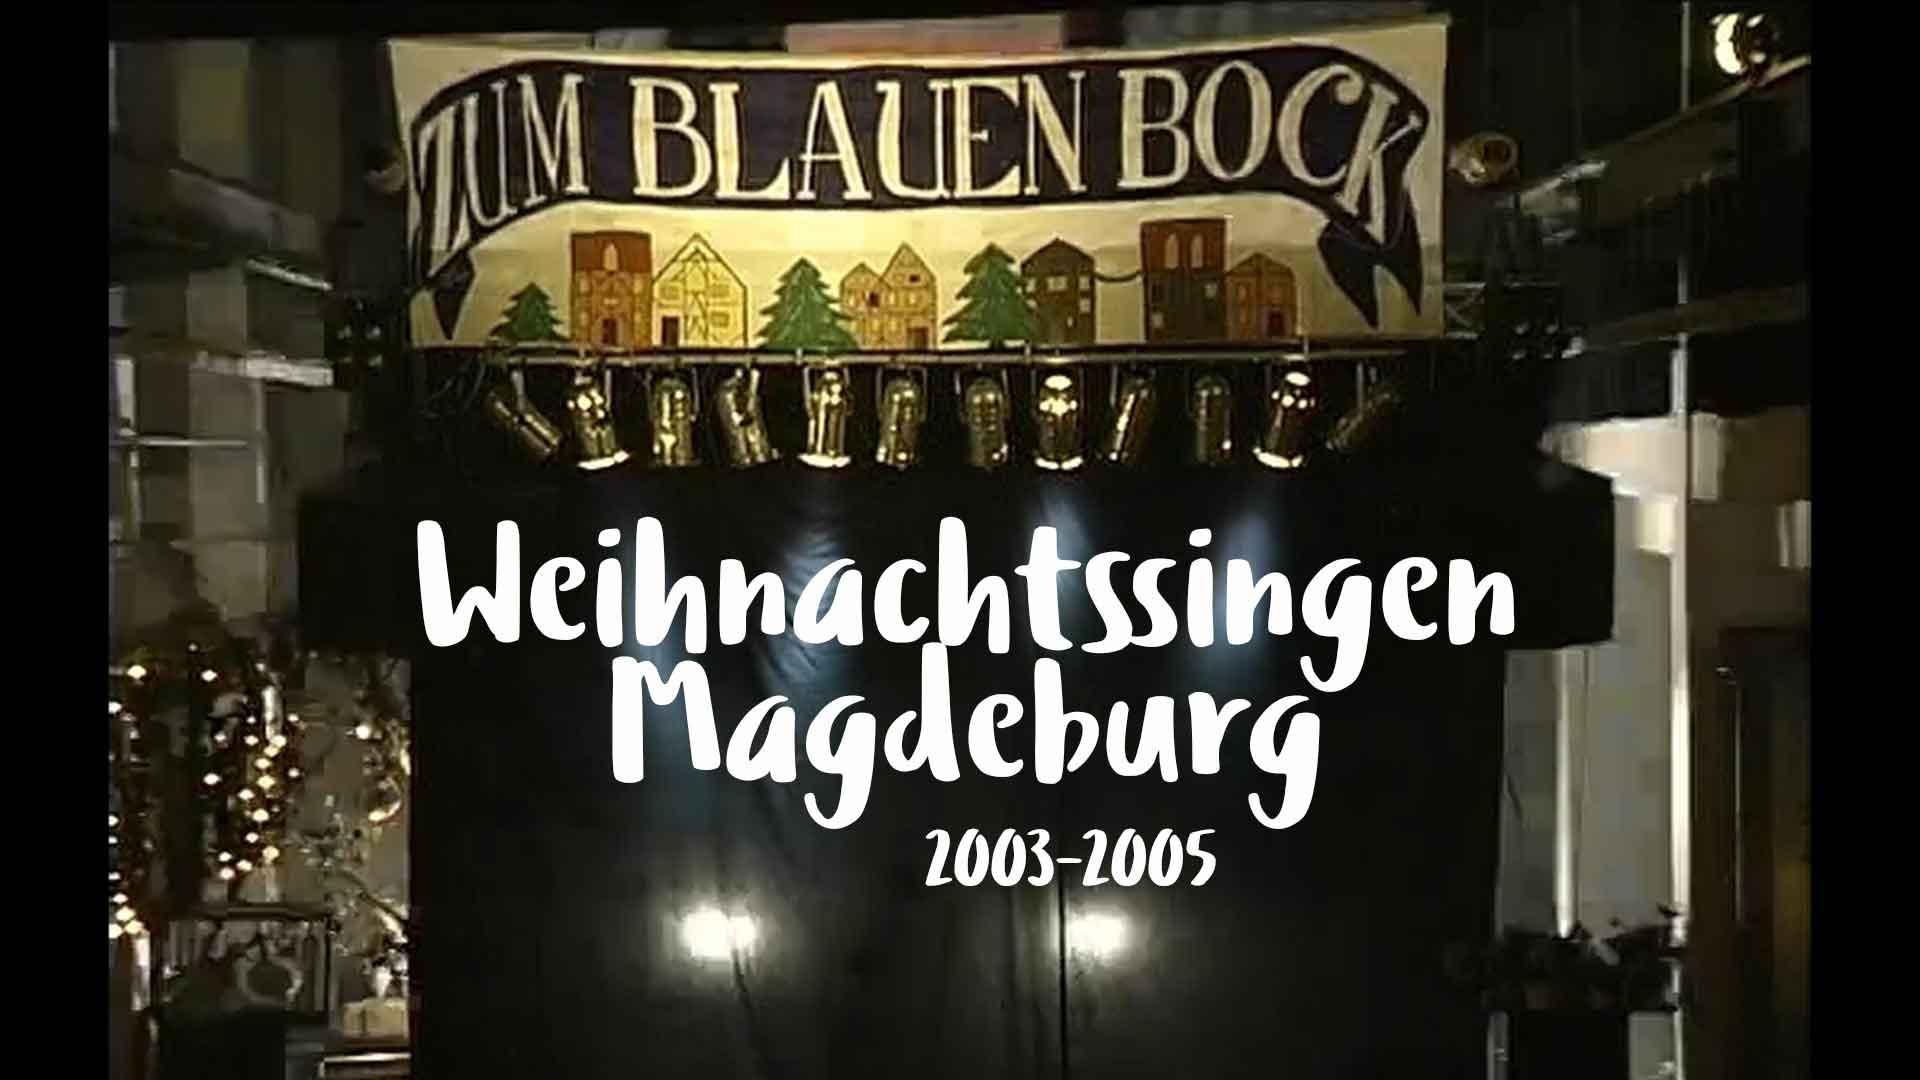 Weihnachtssingen Magdeburg 2003-2005